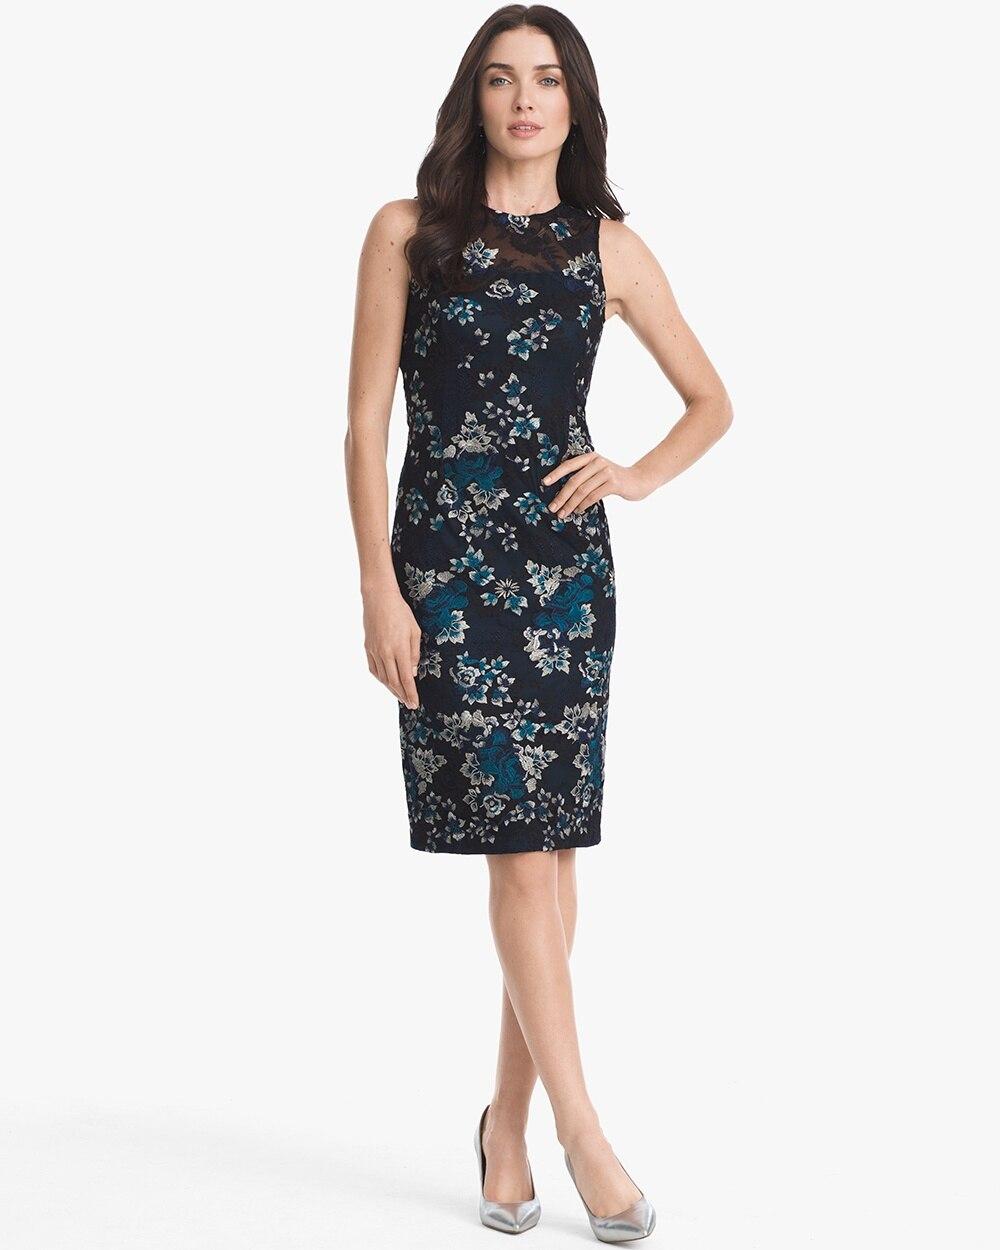 c333c8becab04 Sleeveless Embroidered Mesh Sheath Dress - White House Black Market